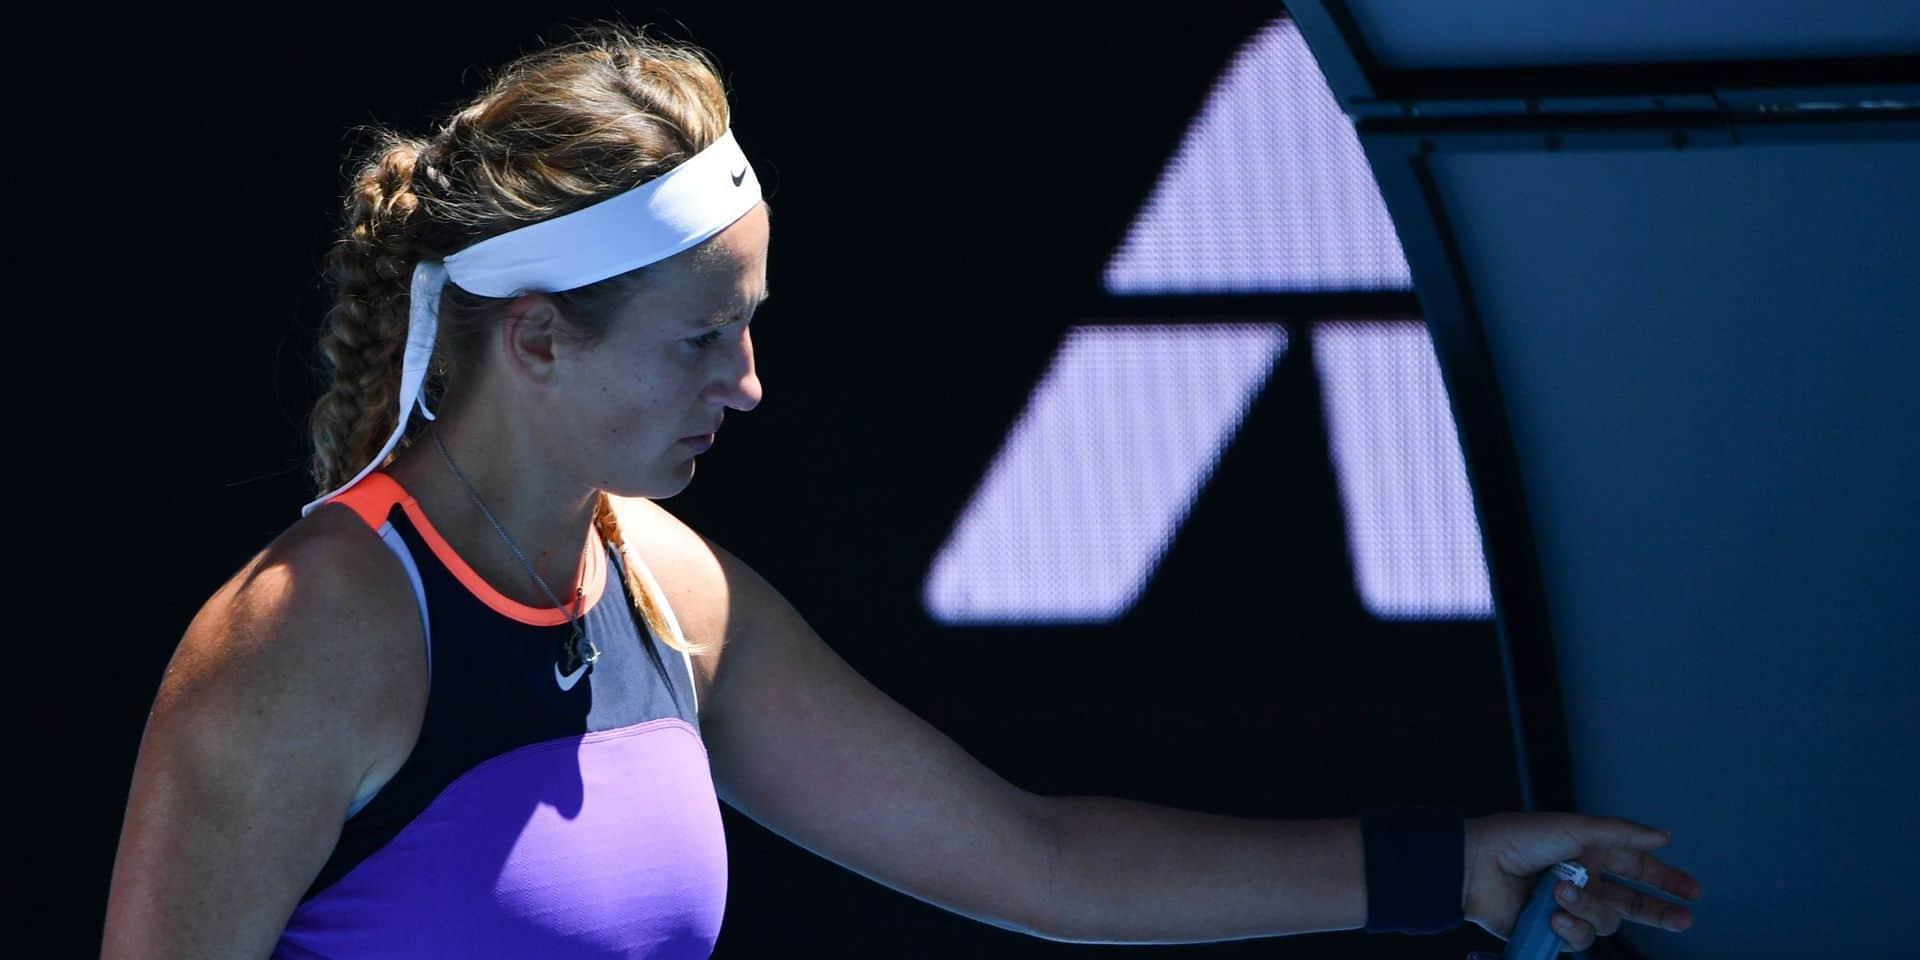 Blessée, Azarenka déclare forfait en demi-finale à Doha, Muguruza en finale face à Kvitova